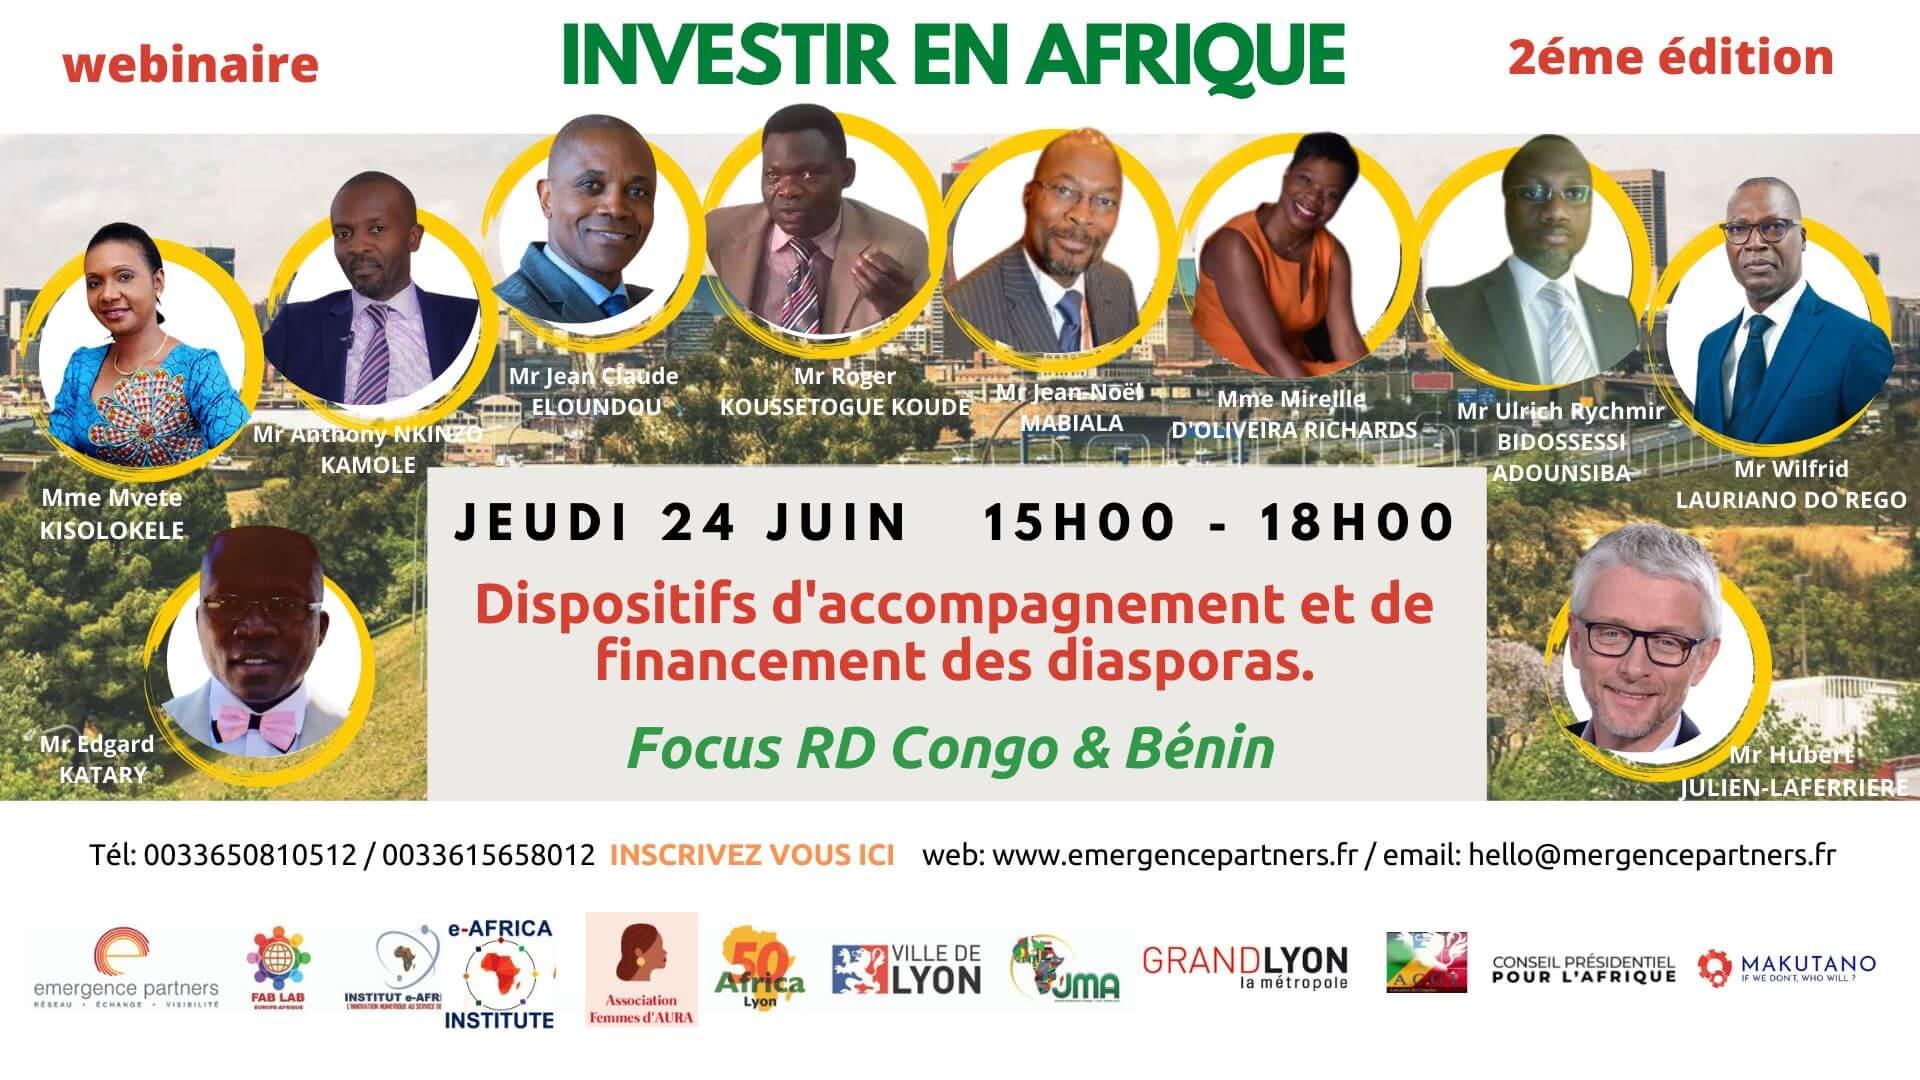 [ECONOMIE] 2e édition «Investir en Afrique» Les dispositifs d'accompagnement et de financement de la diasporas jeudi 24 juin 2021 de 15h à 18h